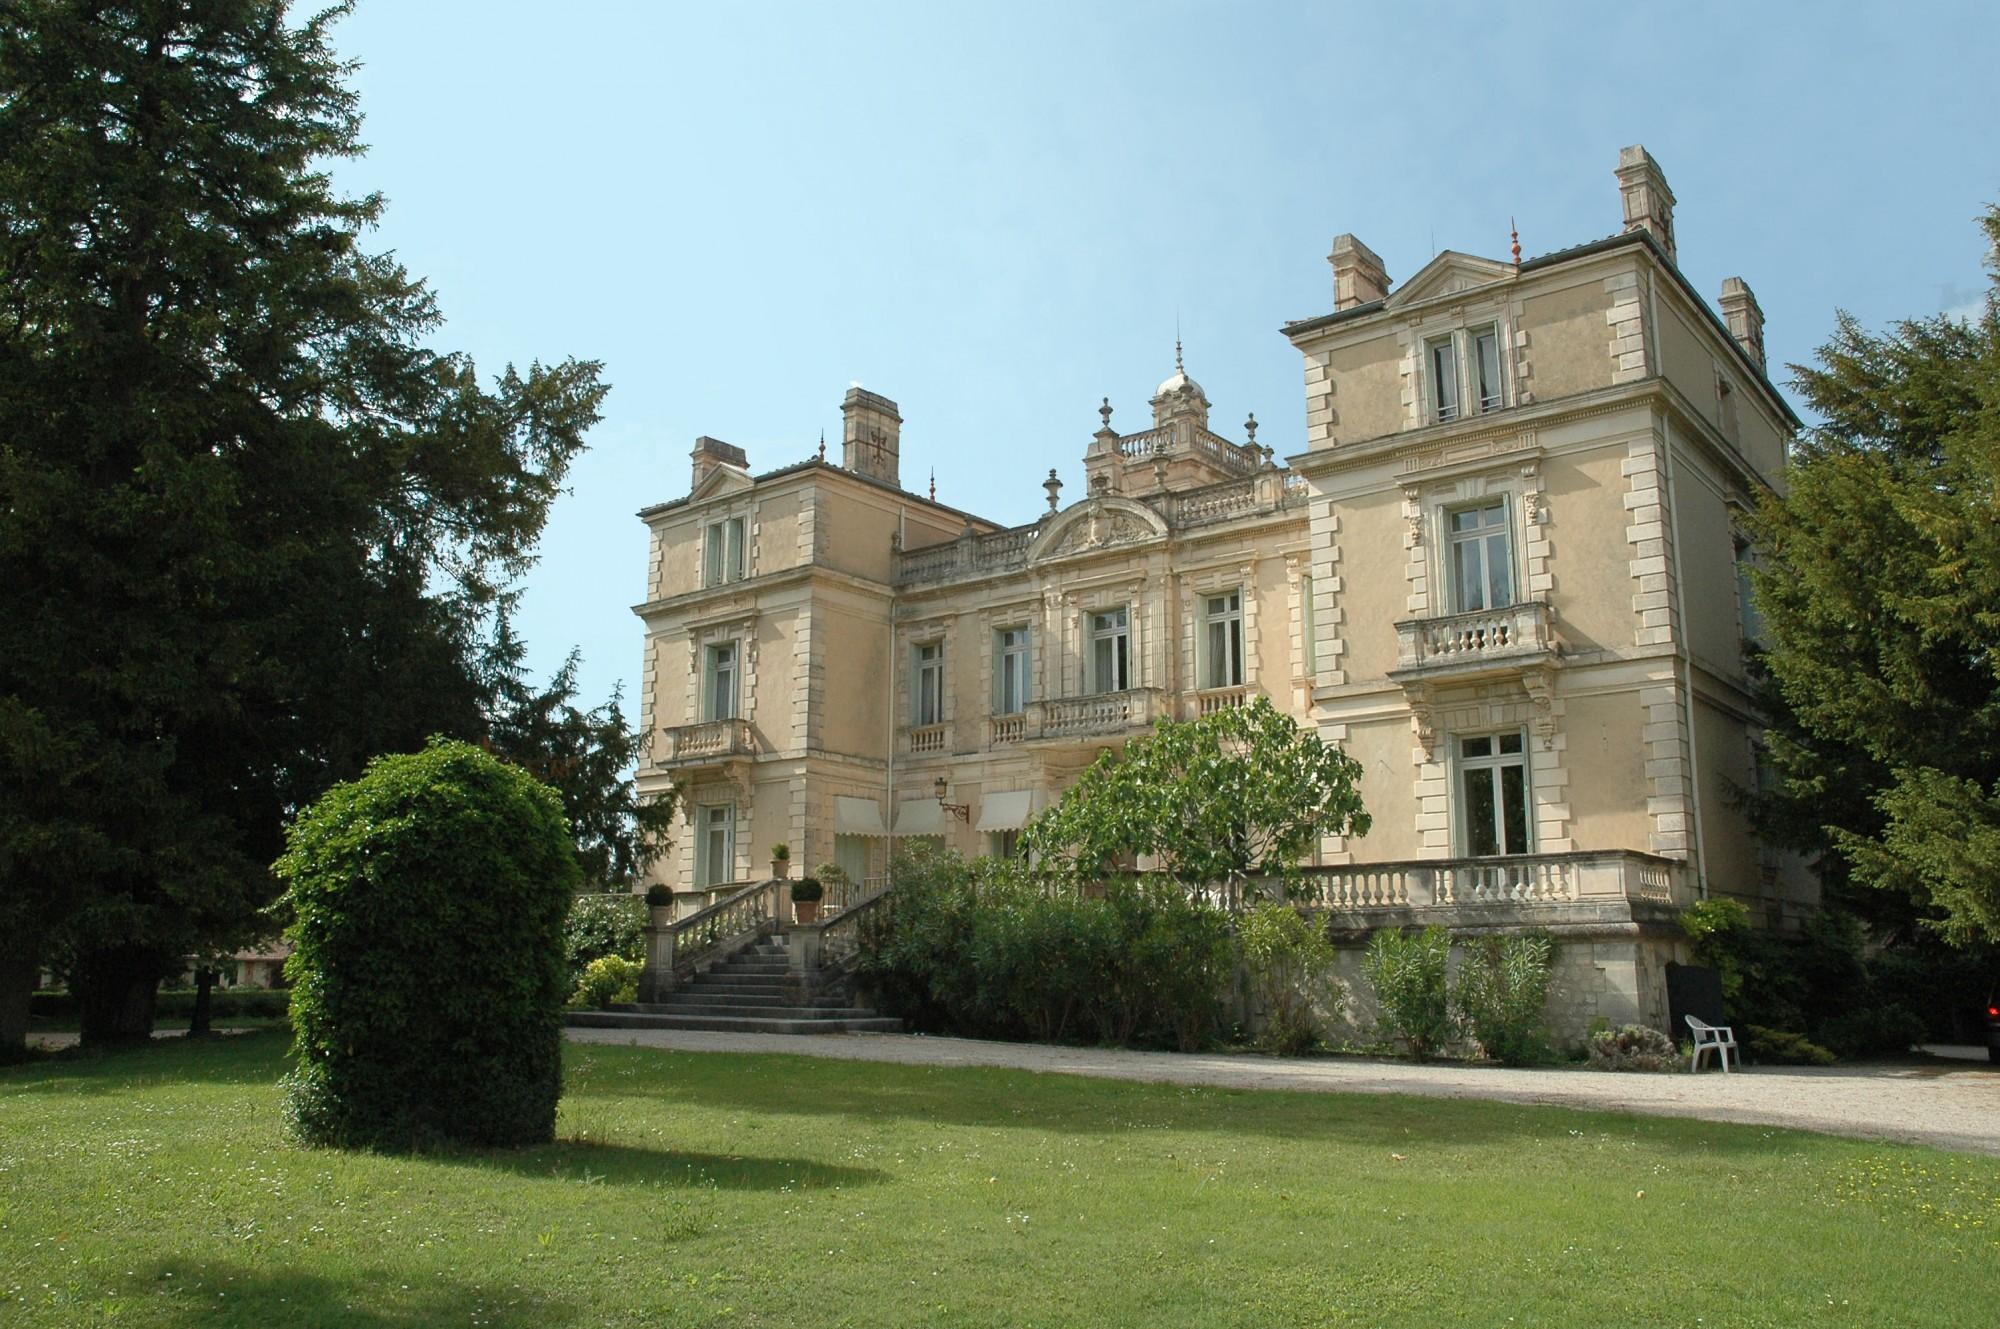 chateau moderne a vendre 28 images chateau a vendre dans le 58 chateau a vendre loire 42. Black Bedroom Furniture Sets. Home Design Ideas